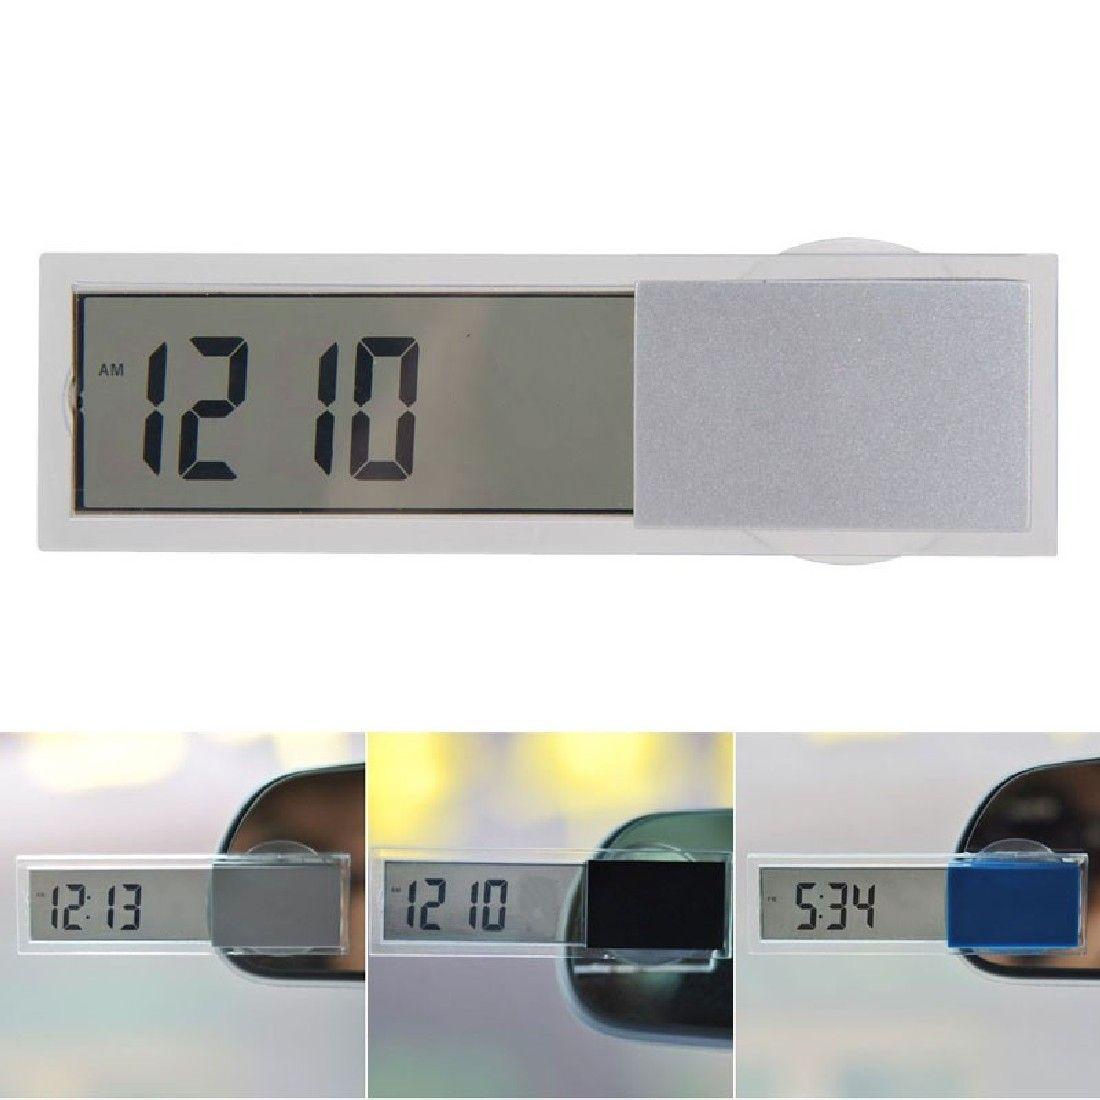 2016 뜨거운 판매 미니 LCD 디지털 자동 자동차 트럭 시계 흡입 컵 버튼 셀 배터리 휴대하기 쉬운